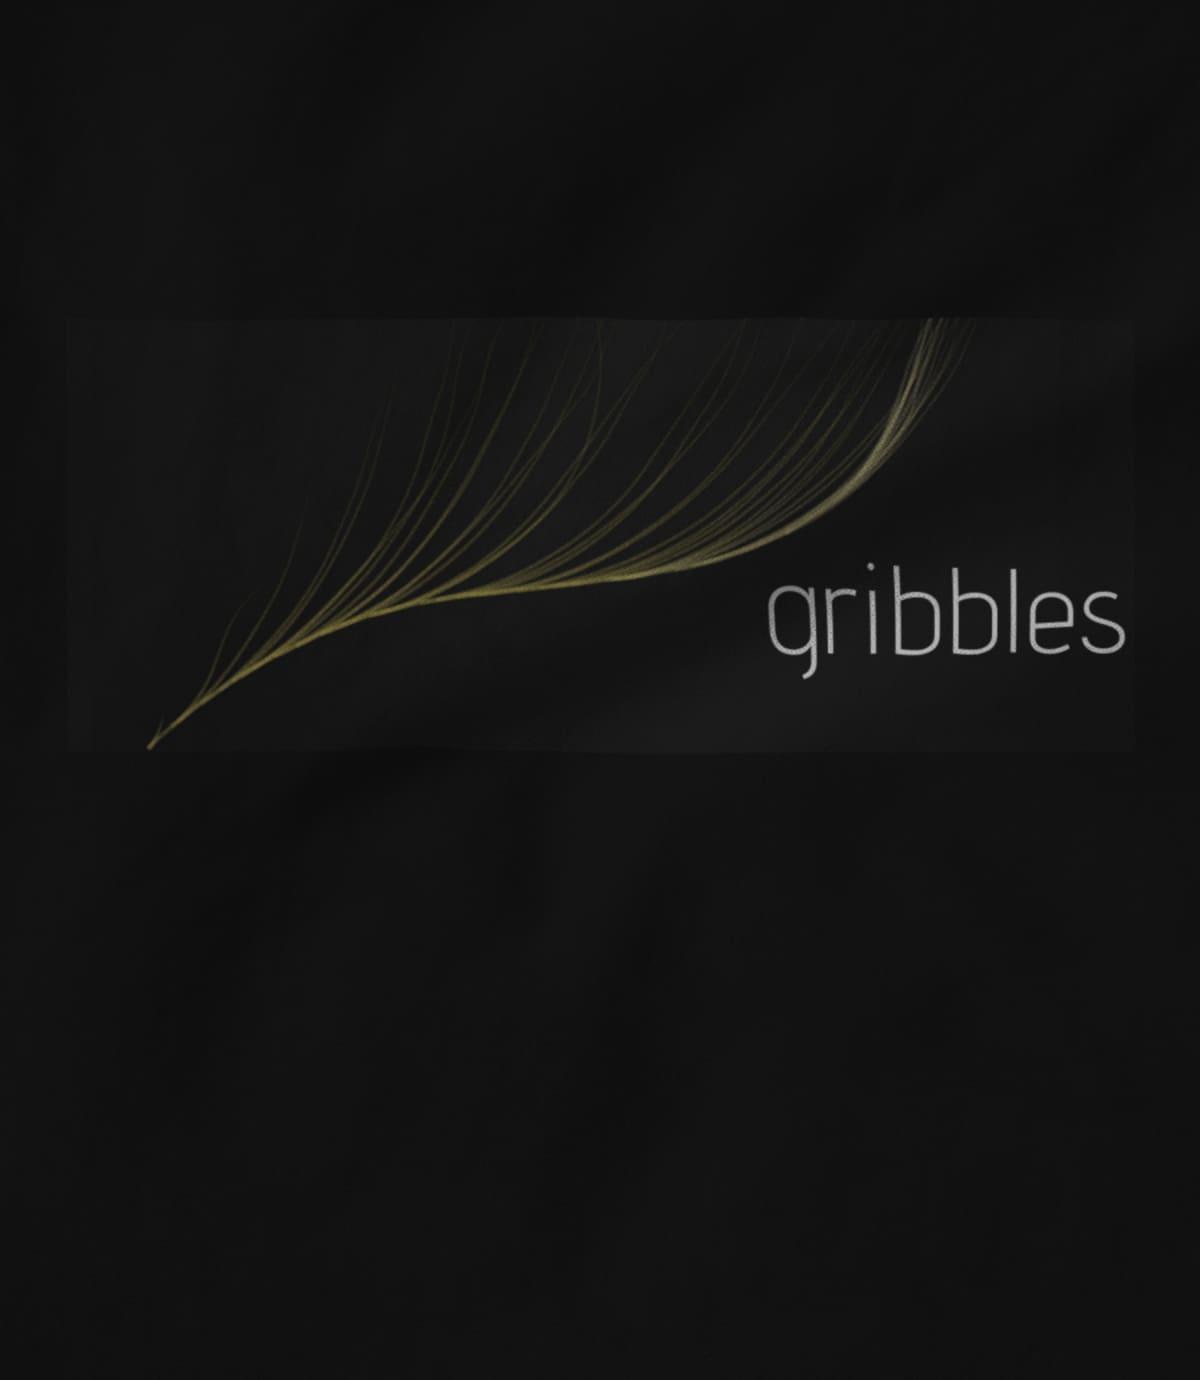 gribbles